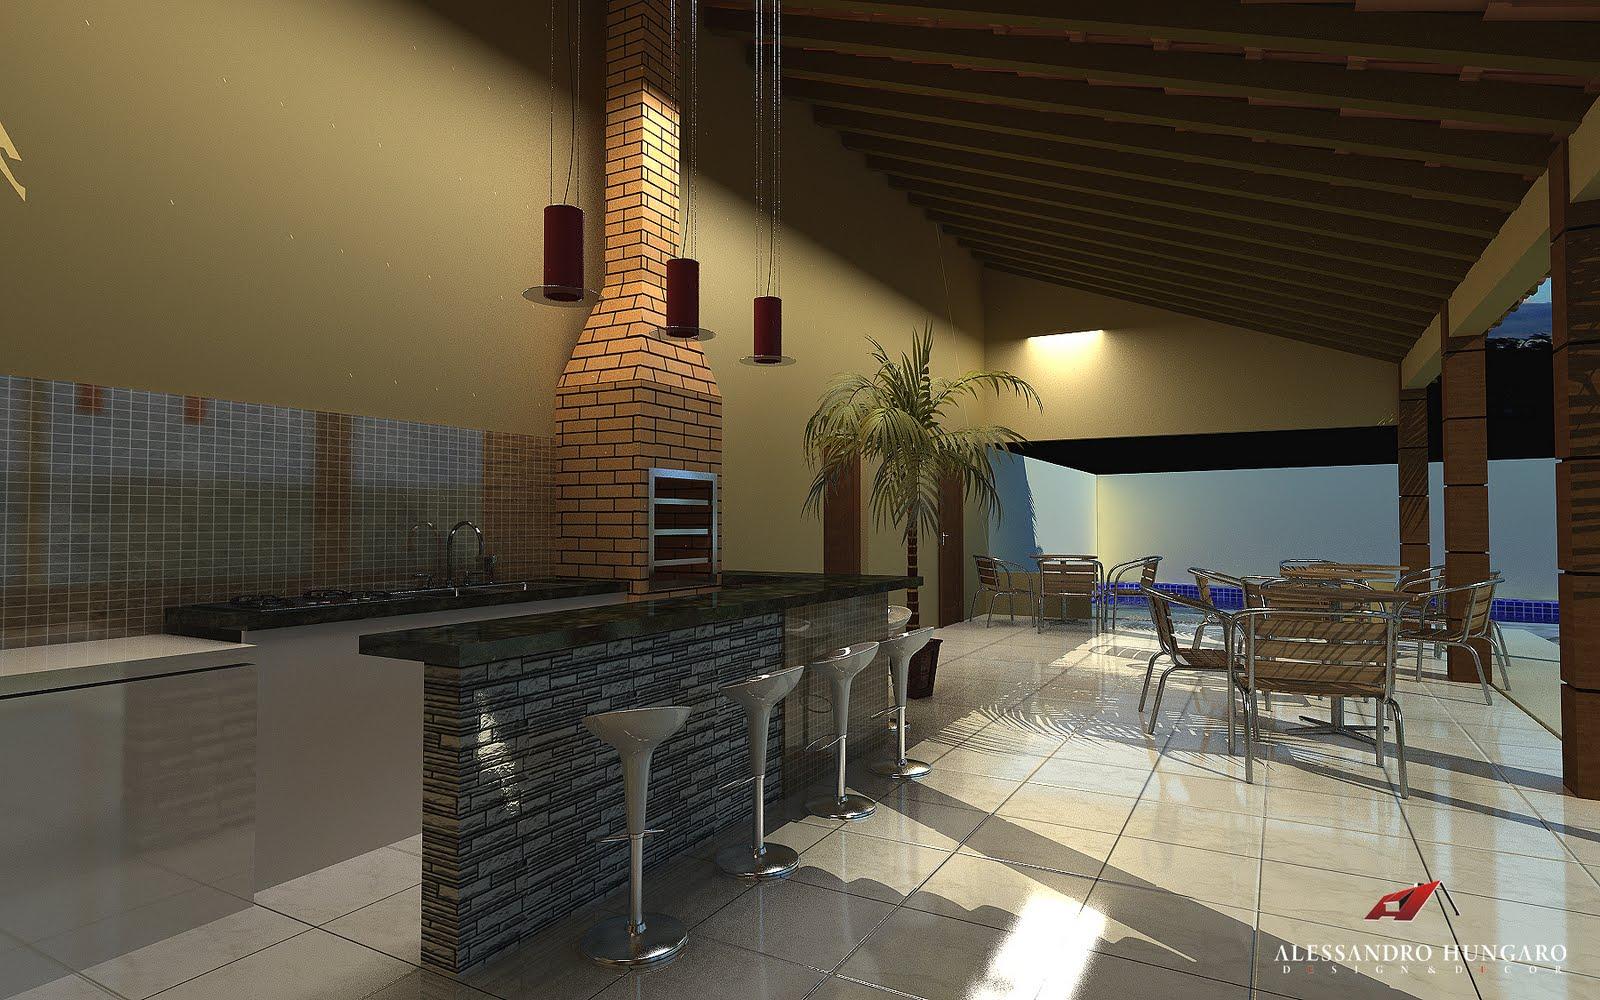 Projeto De Edicula Com Sala Quarto Cozinha Banheiro E Area Da Pictures #986633 1600 1000